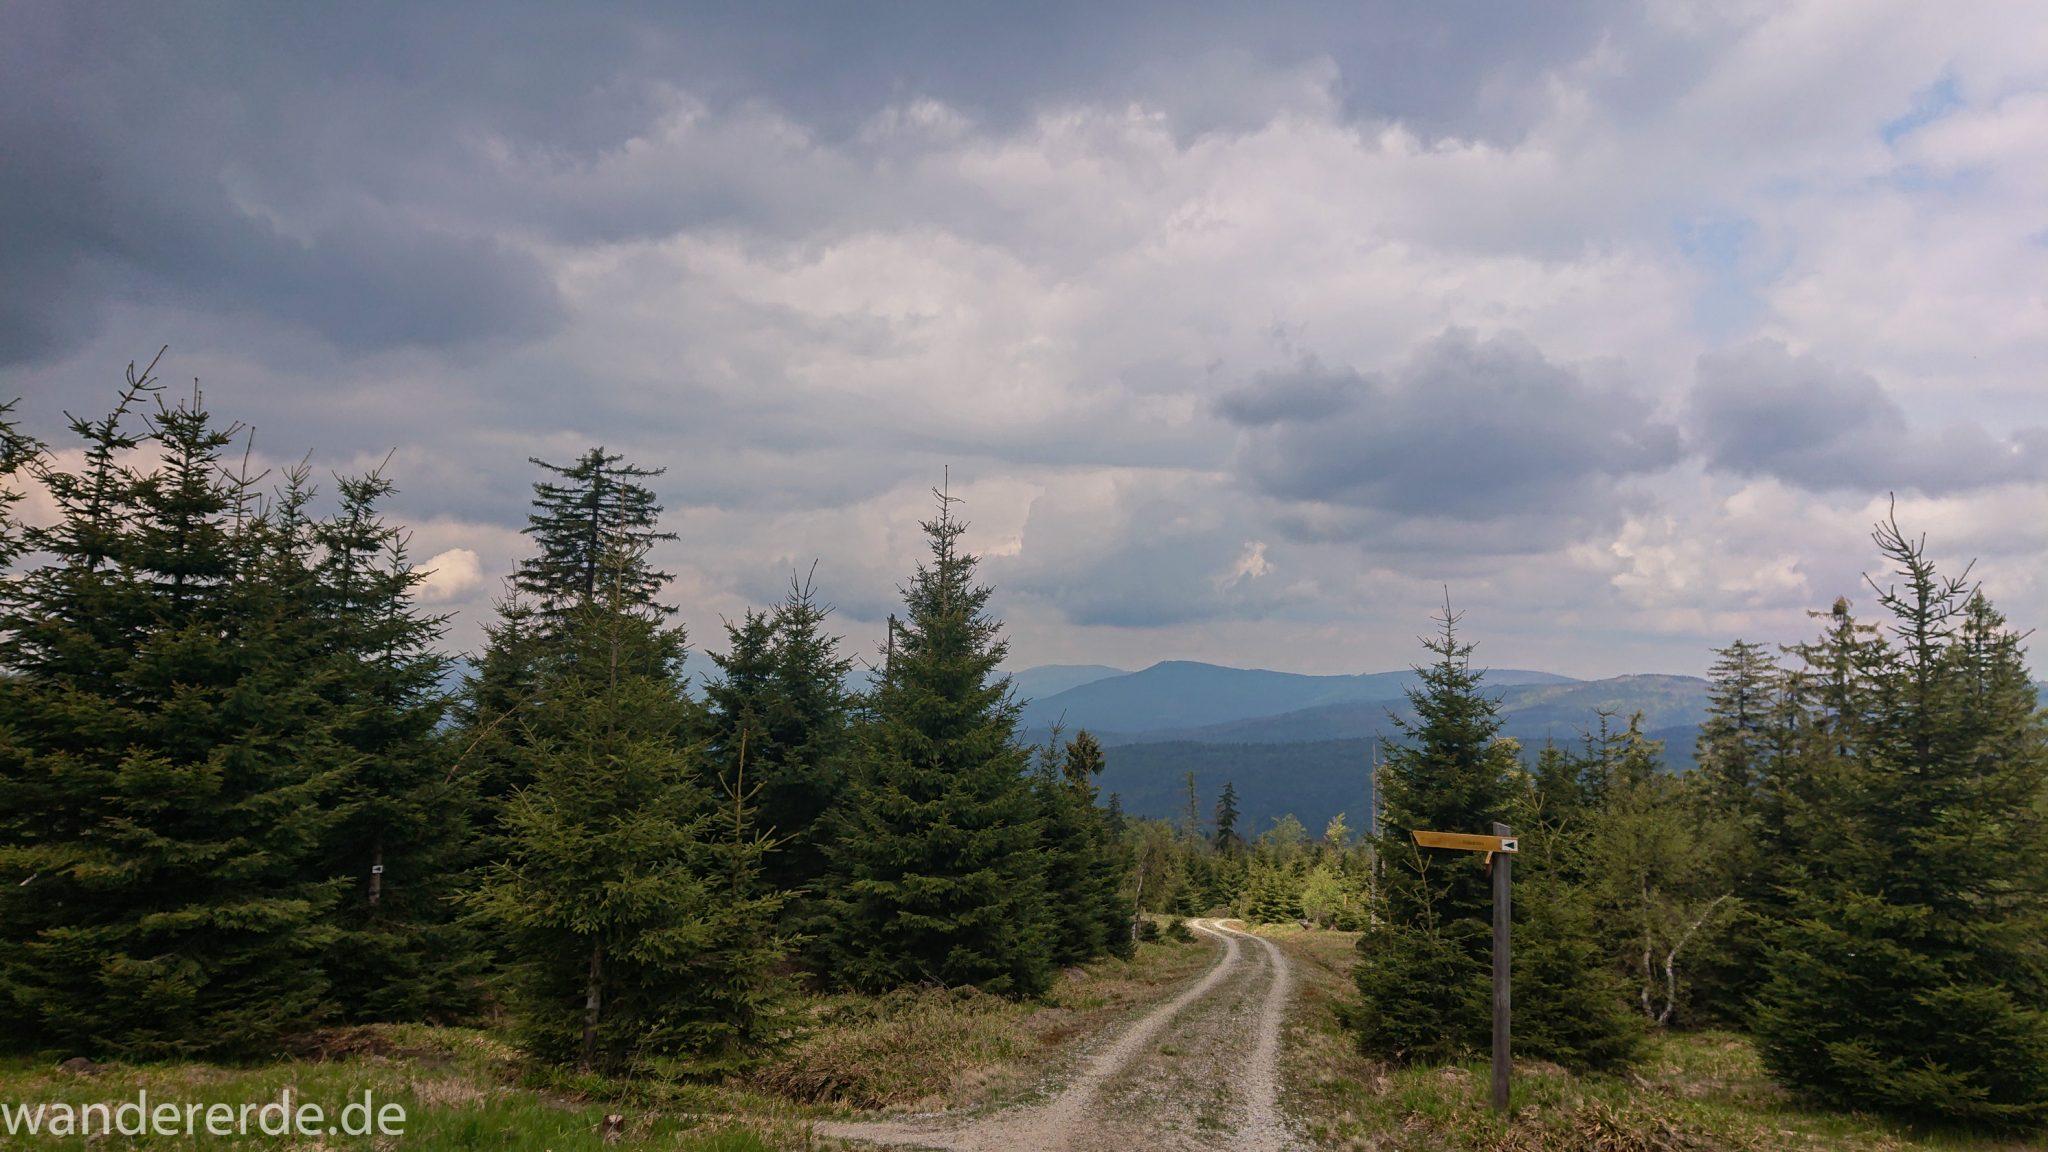 Wanderung Großer Rachel im Nationalpark Bayerischer Wald, Start Parkplatz Oberfrauenau, abwechslungsreicher naturbelassener Wanderweg auf den Berg Großer Rachel, schöner dichter Wald im Nationalpark Bayerischer Wald, Wegmarkierung grünes Dreieck, weite Aussicht auf großes Waldgebiet und Berge in der Ferne